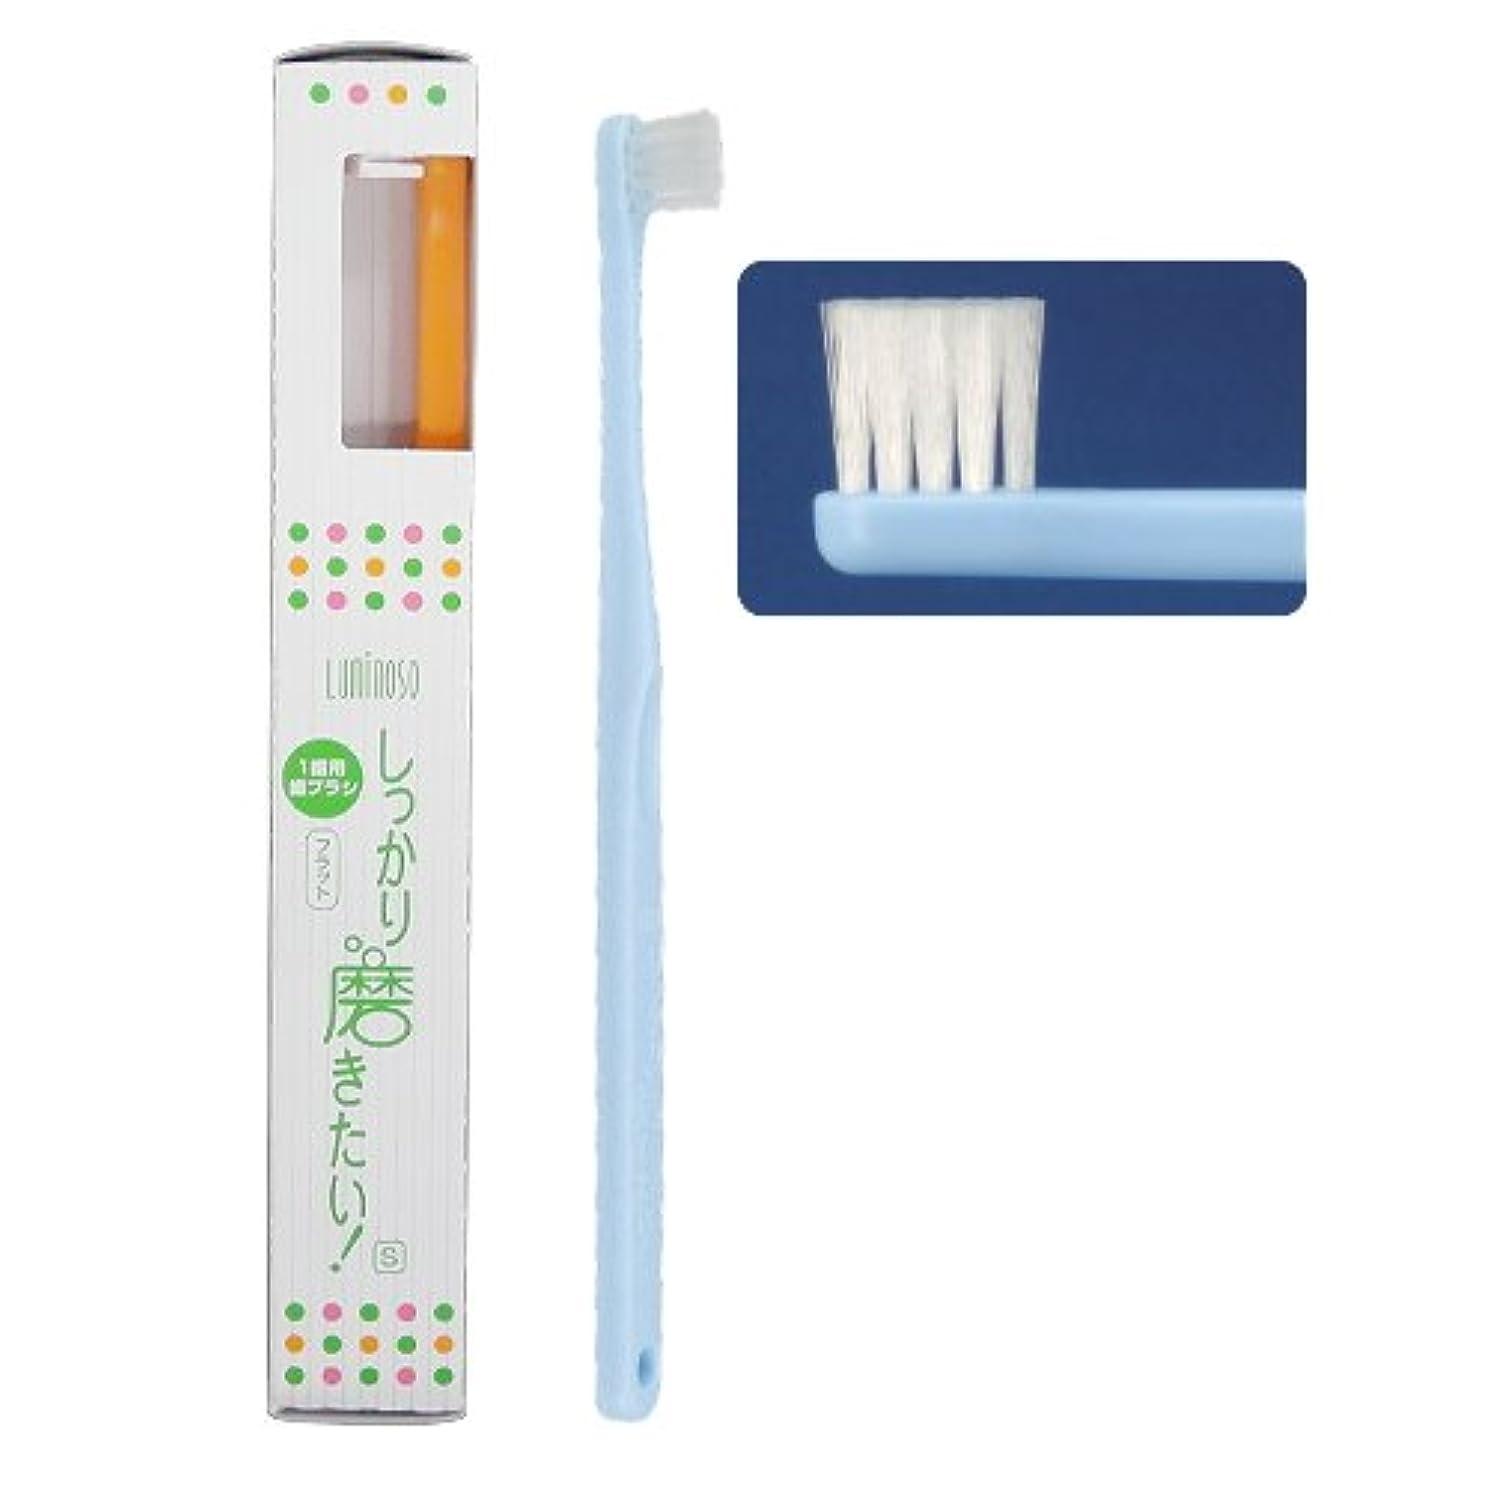 スペース世界記録のギネスブック九ルミノソ 1歯用歯ブラシ 「しっかり磨きたい!」 フラット/ソフト